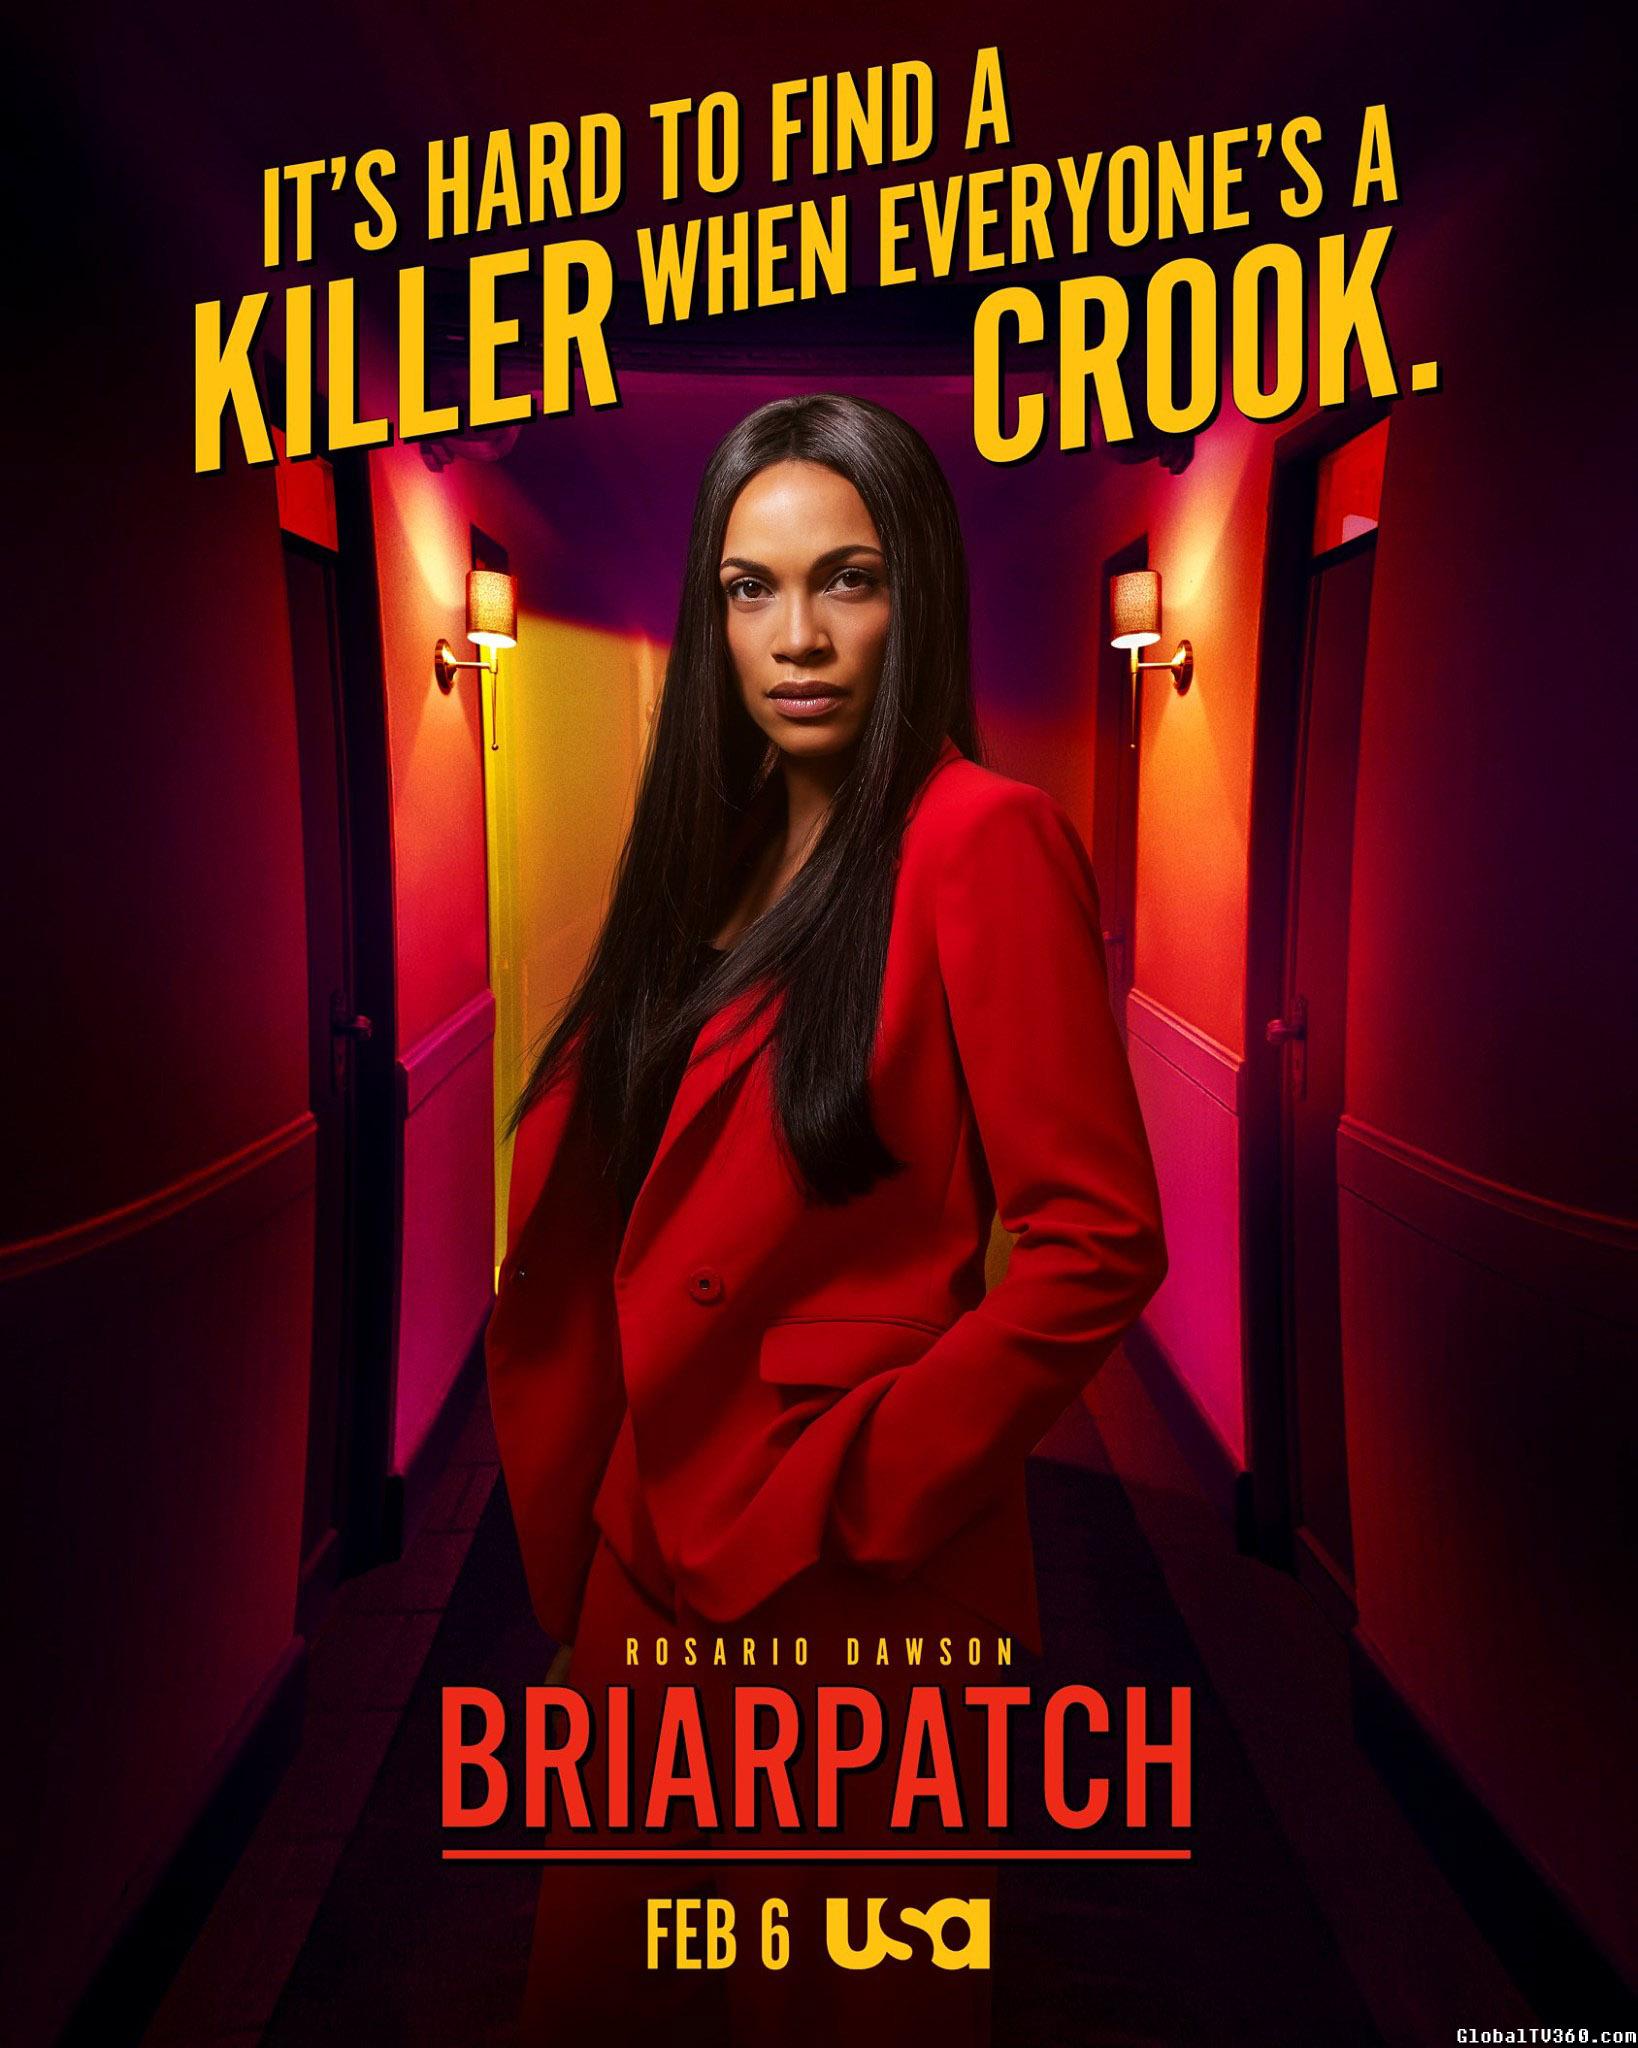 2020年冬春季档新剧 荊棘之路 Briarpatch 第1季 官方海报、官方预告及人物设定剧照